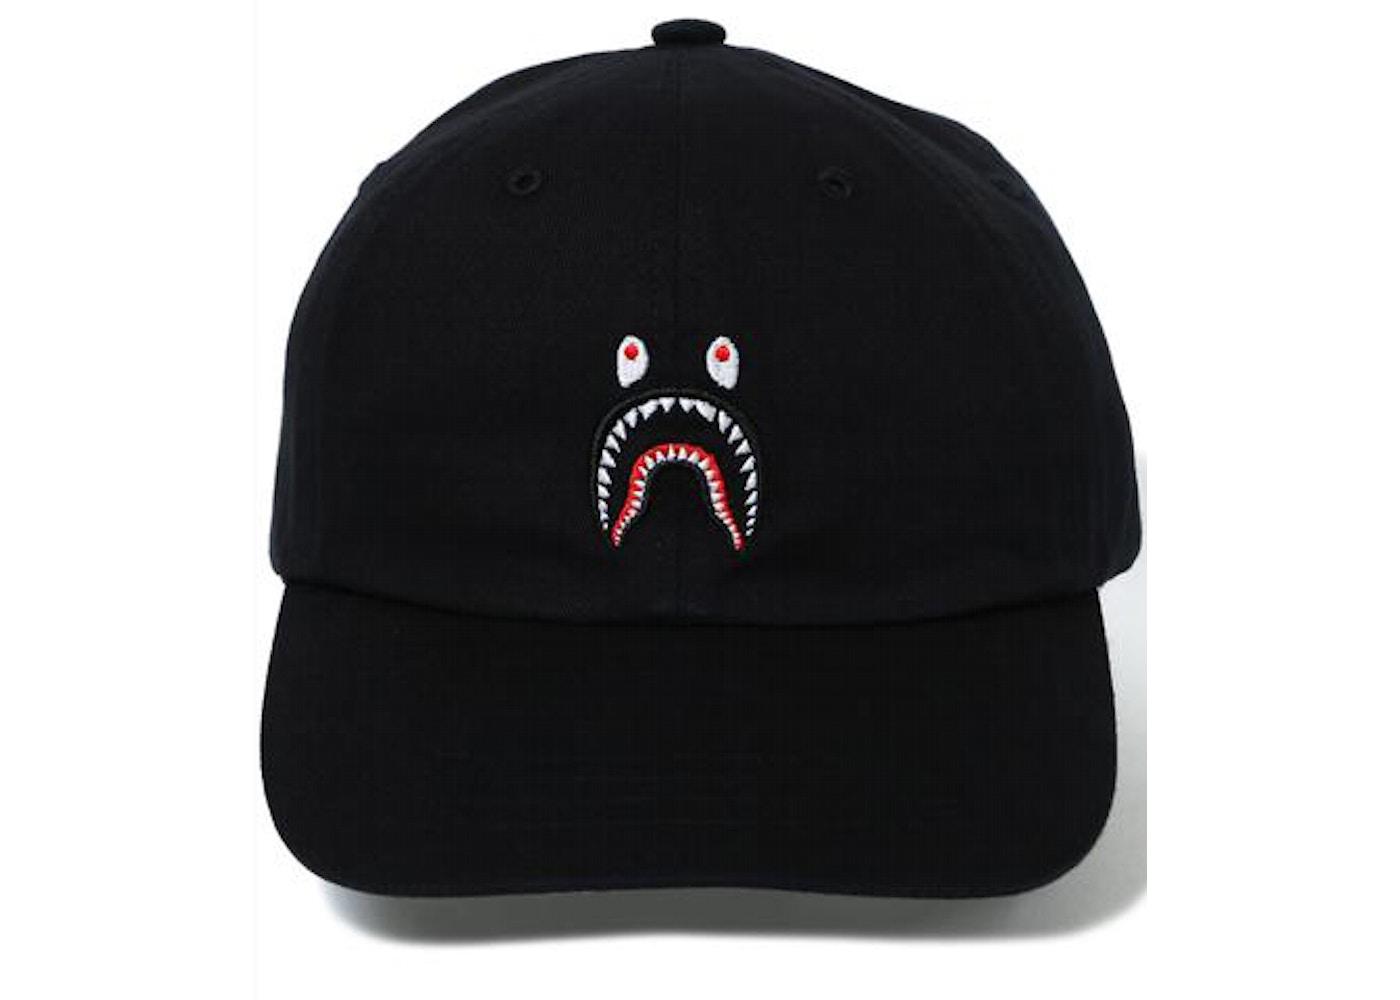 319999e92d3ba Streetwear - Bape Headwear - Most Popular